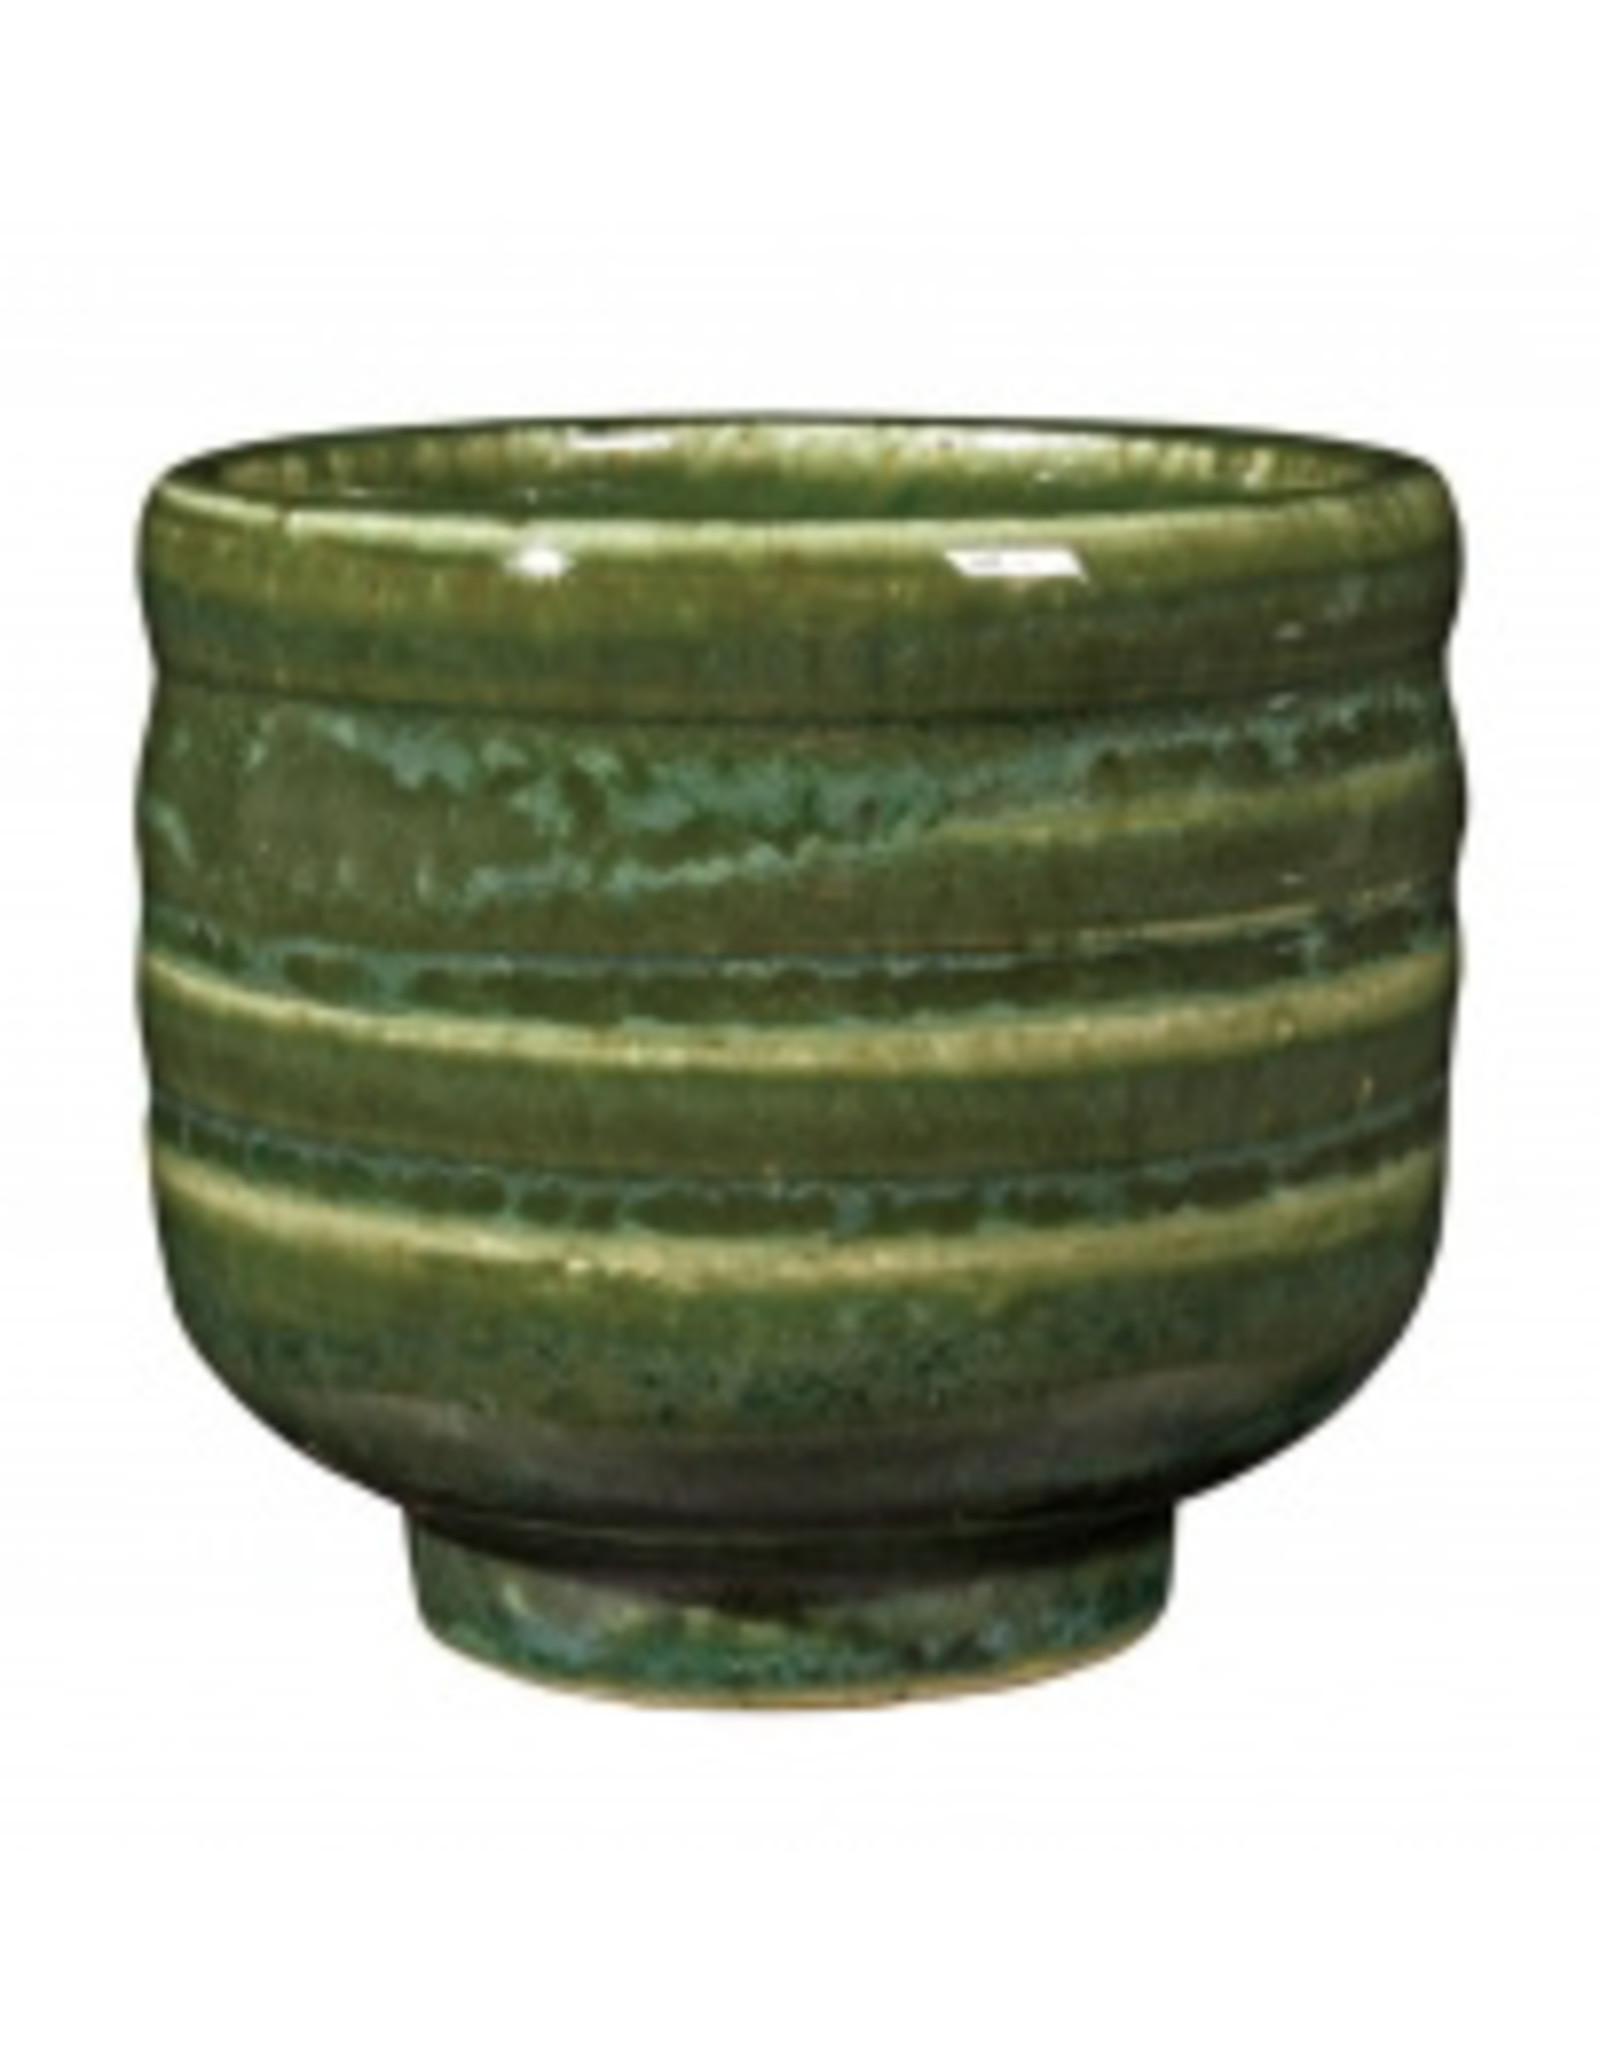 Vert Lustre AMACO Potters Choice Brush-on Stoneware Glaze 473ML 1180˚C - 1240˚C